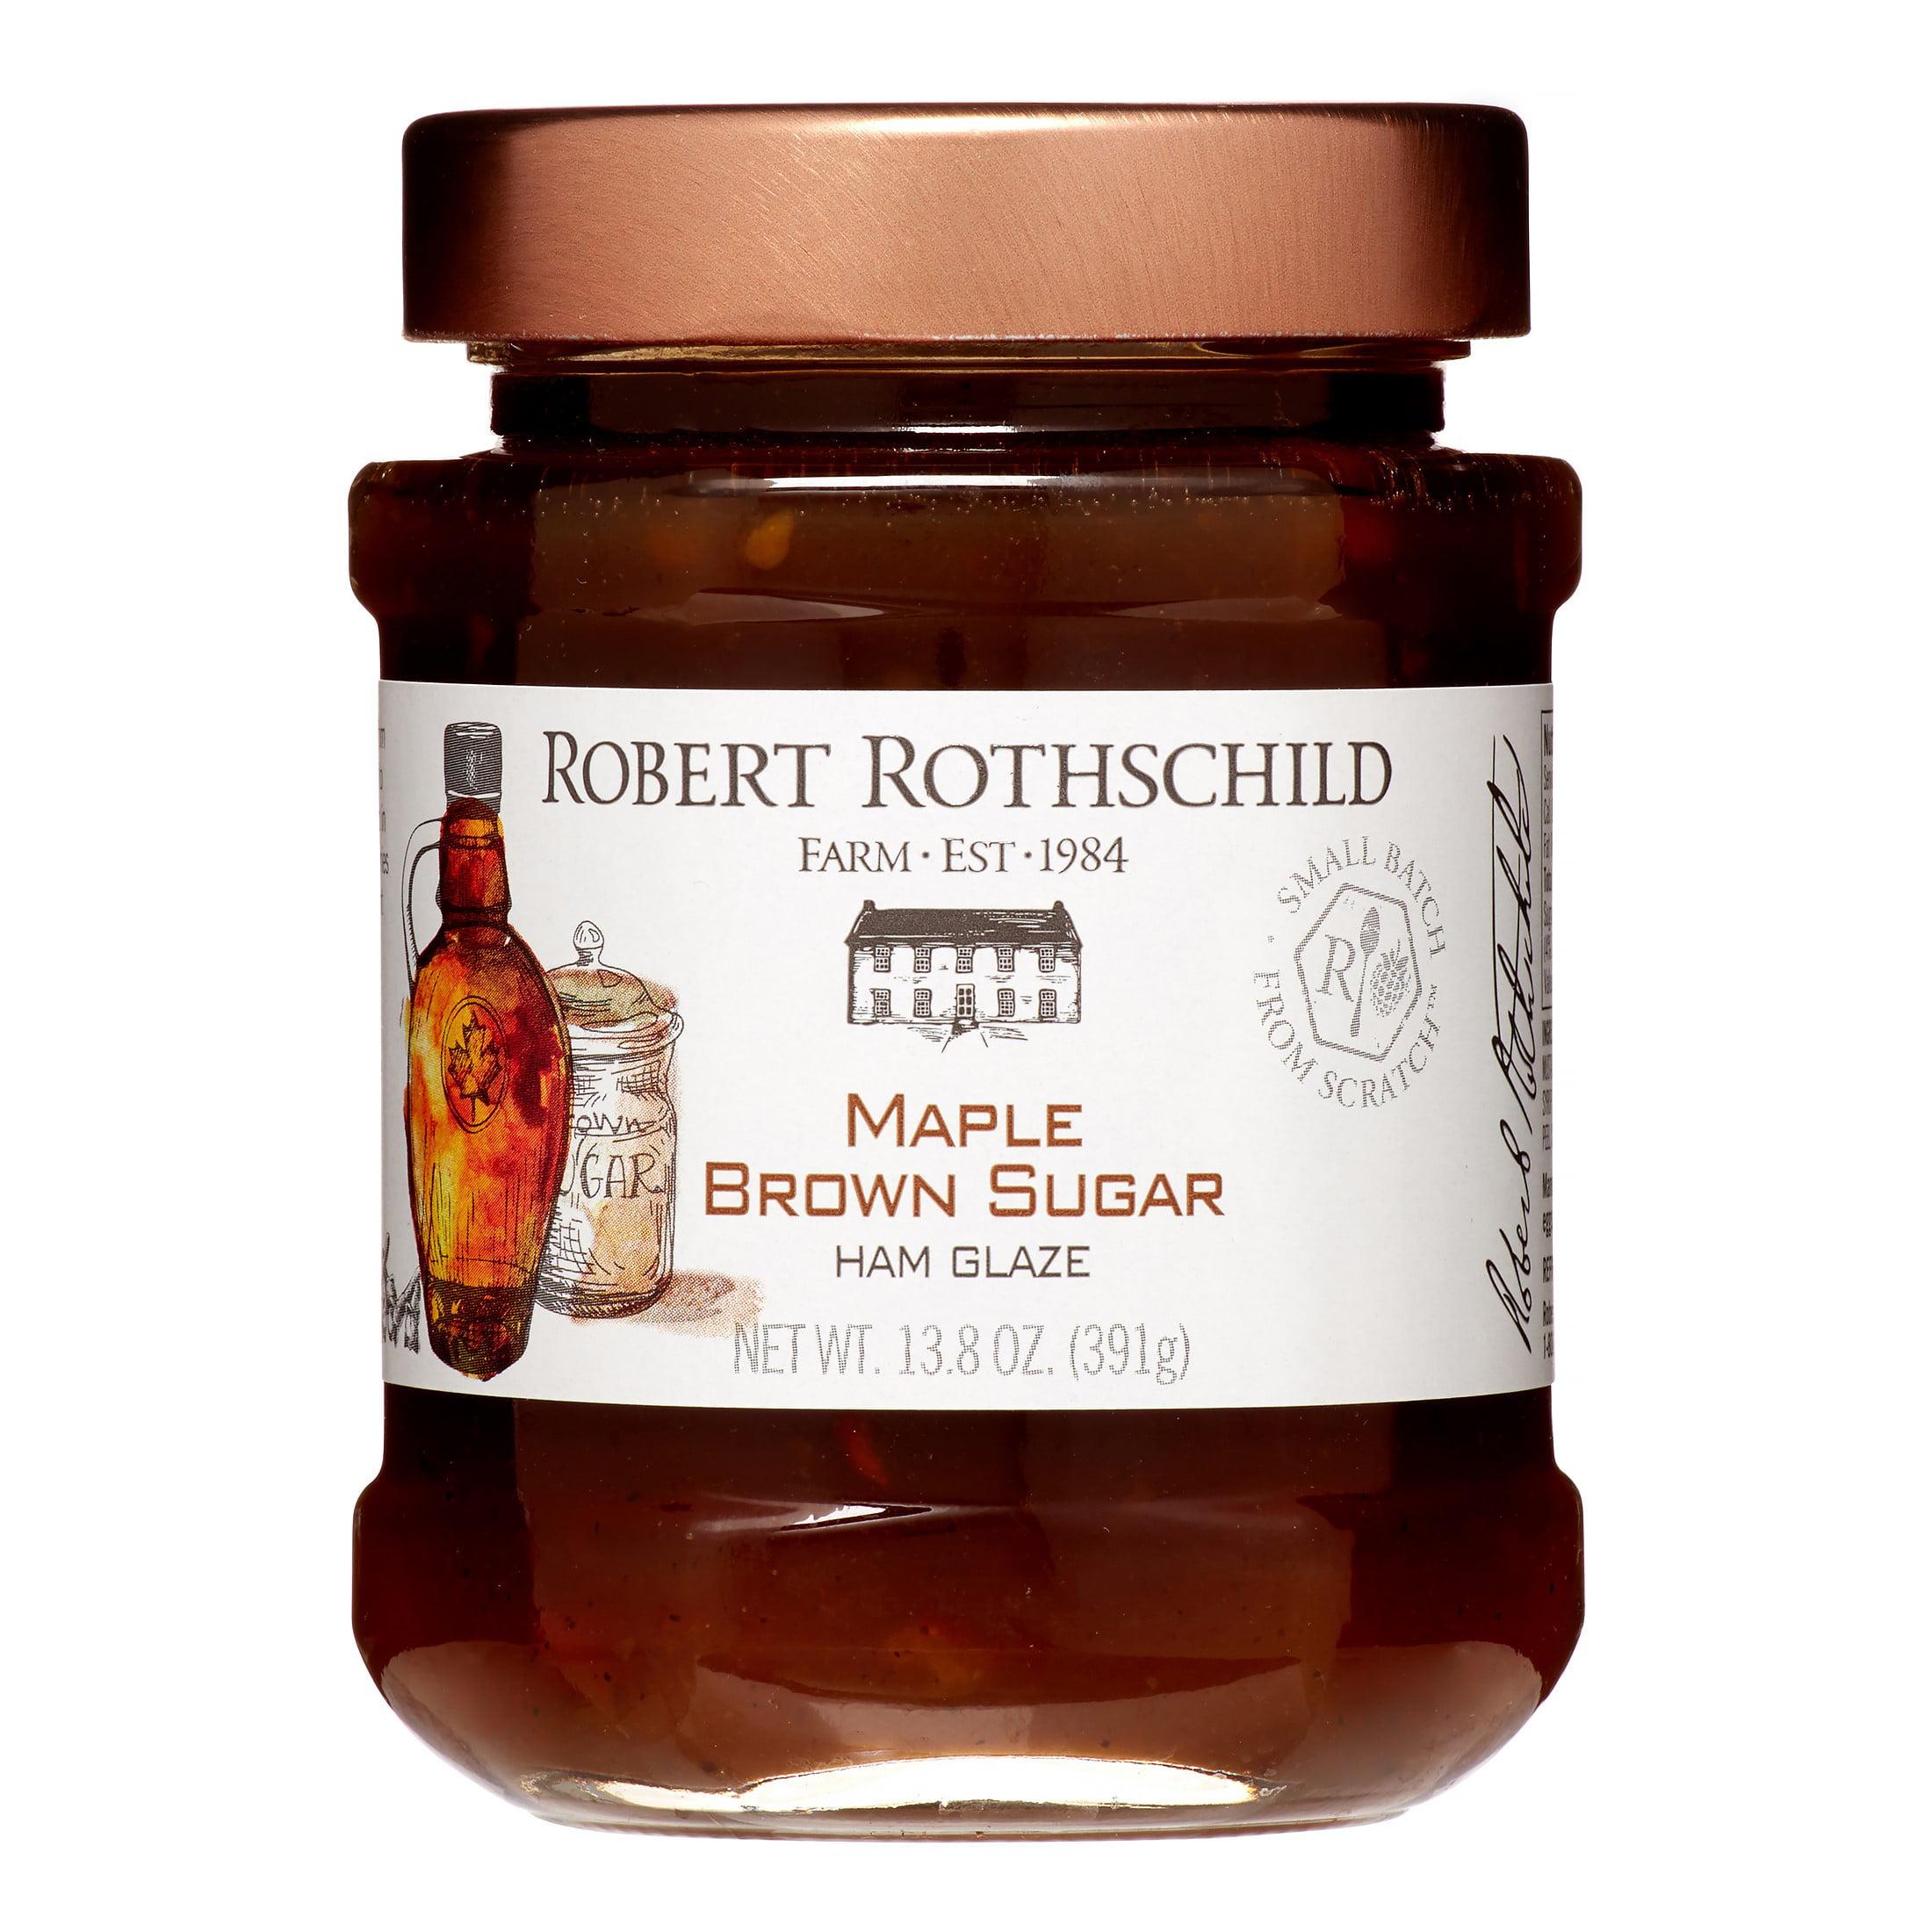 Robert Rothschild Farm Ham Glaze, Maple Brown Sugar, 13.8 Oz by Robert Rothschild Farm